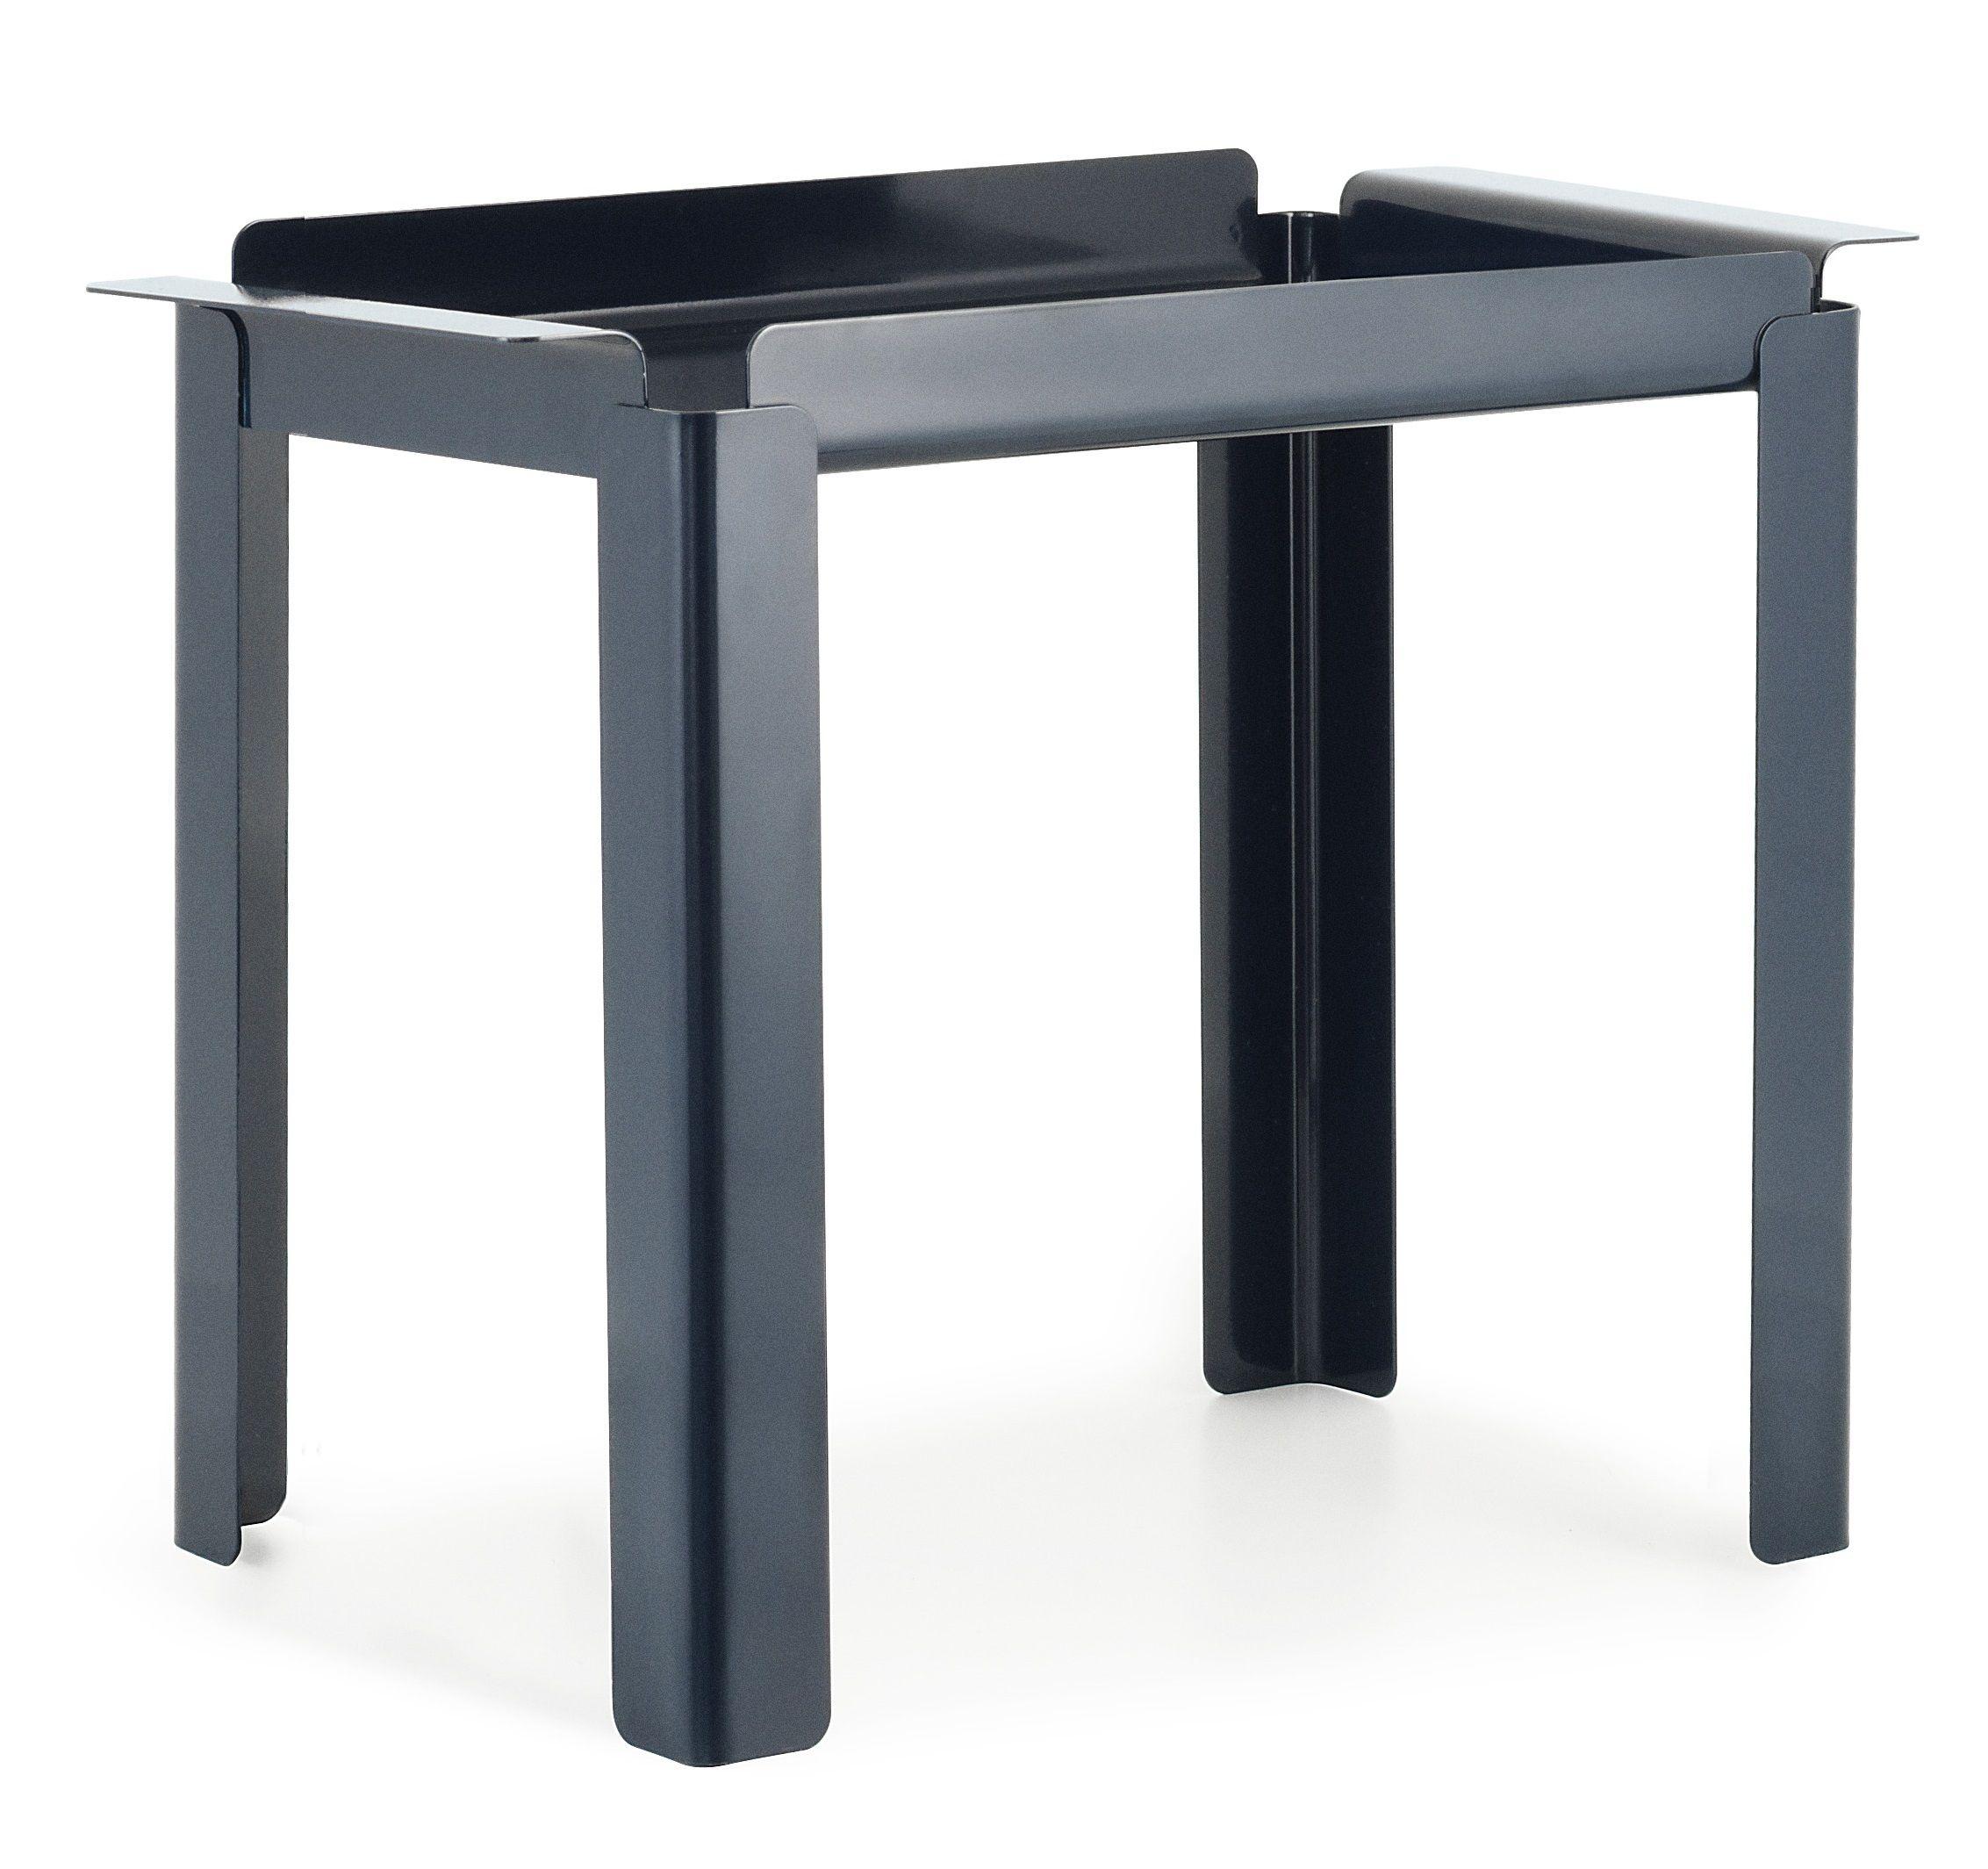 Box bord 33x60 från Normann Copenhagen hos ConfidentLiving.se